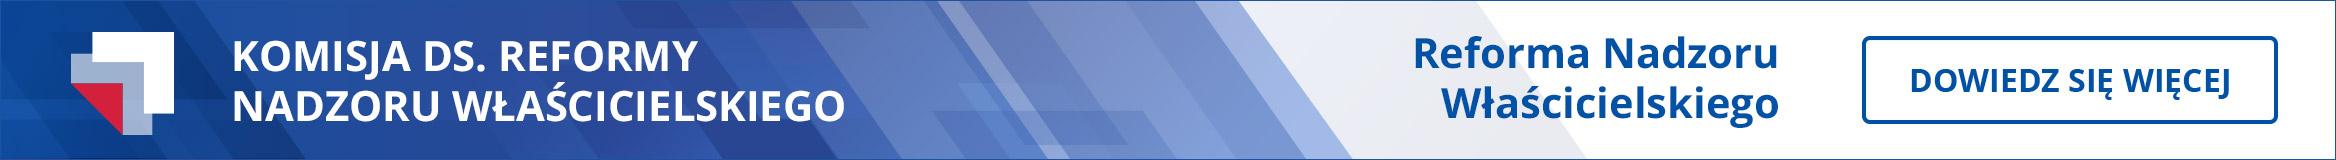 banner komisja ds. reformy nadzoru właścicielskiego